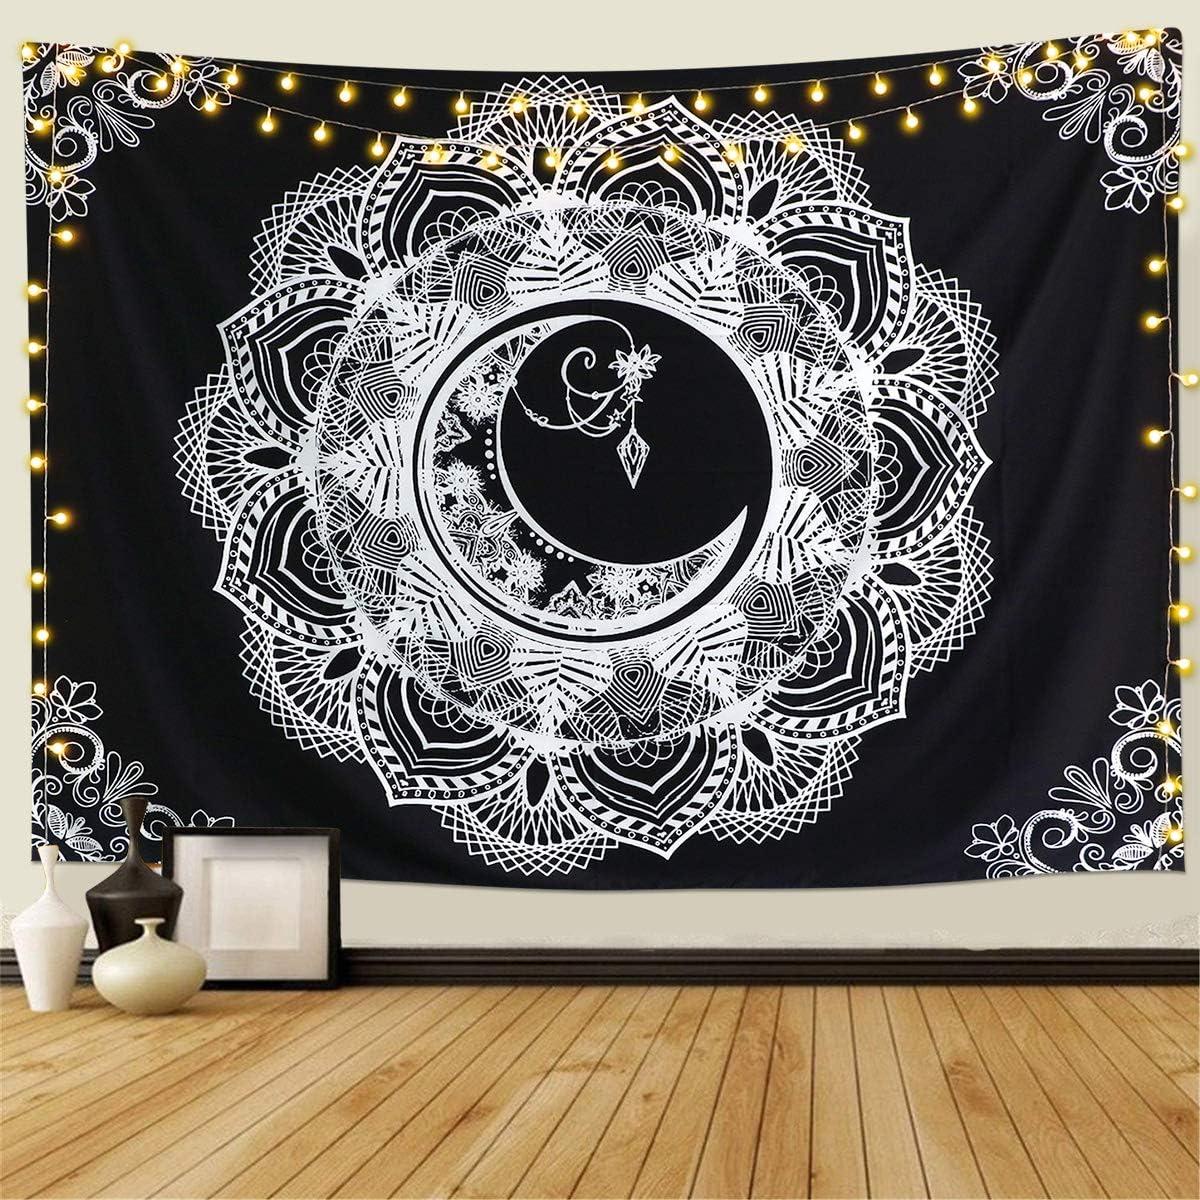 Dremisland Tapiz de Pared dise/ño de Luna Color Negro y Blanco